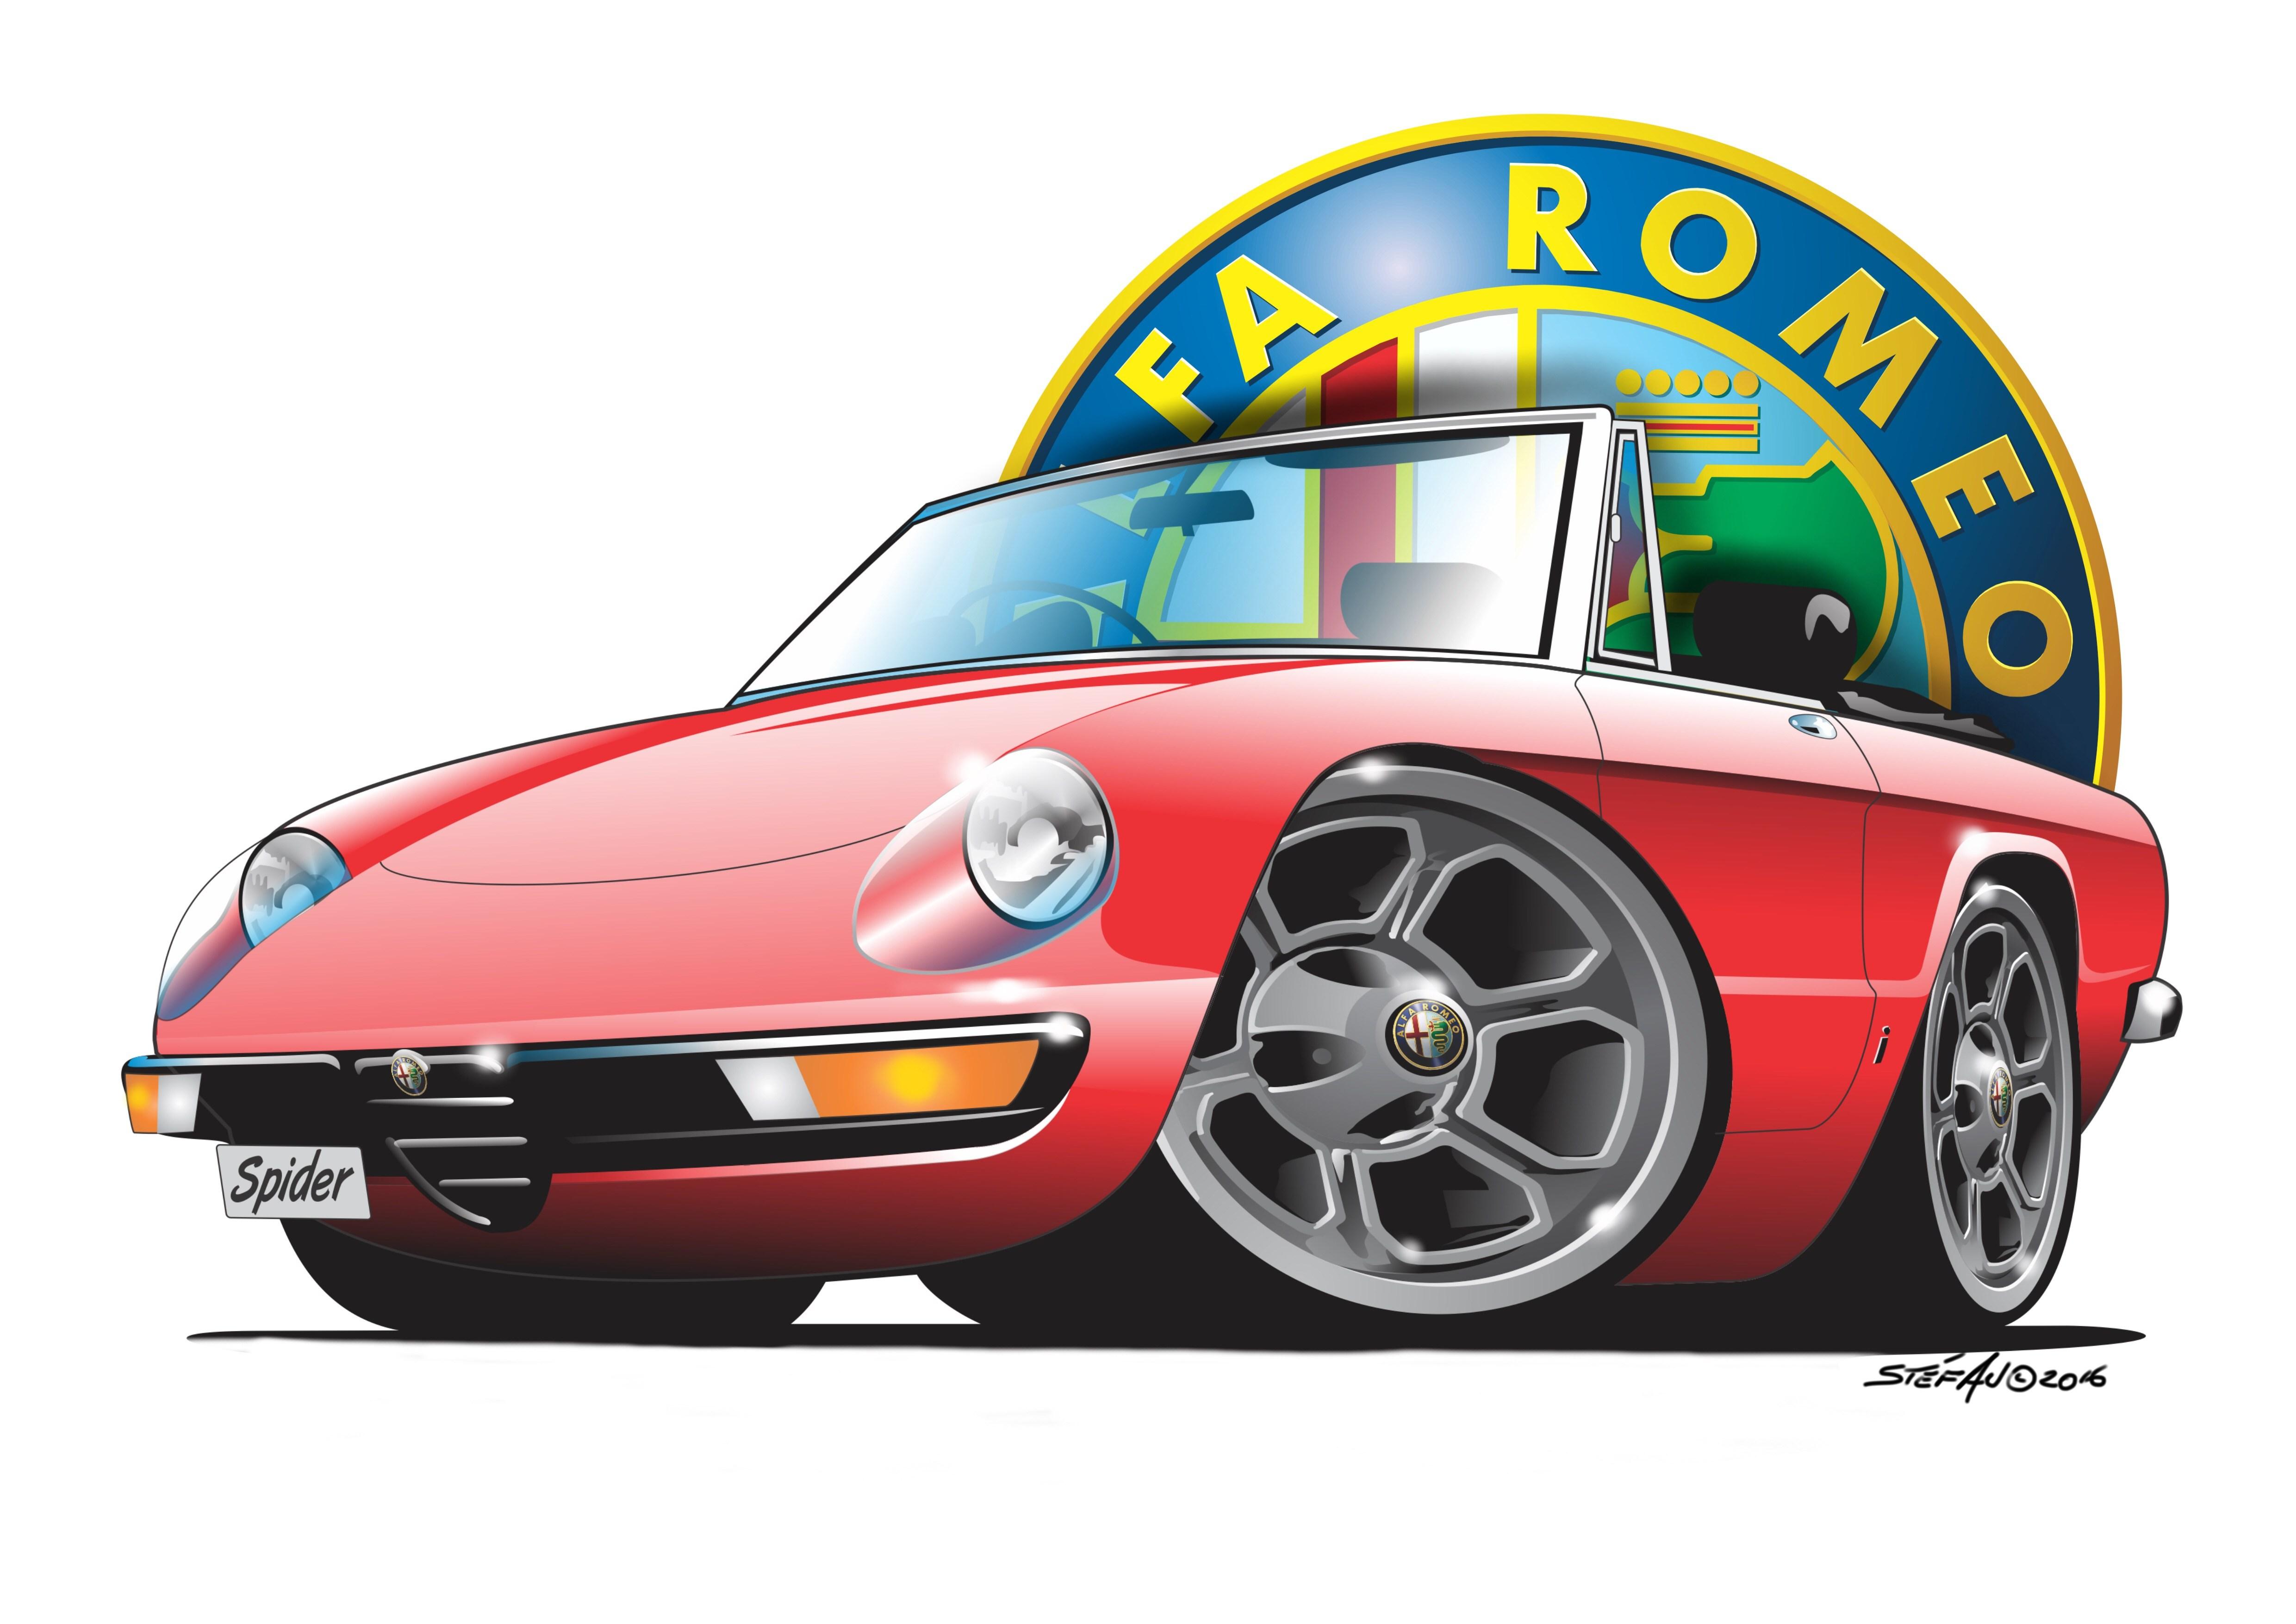 4961x3508 Droptops, Cartoon Car Art Drawings Of Popular Convertibles